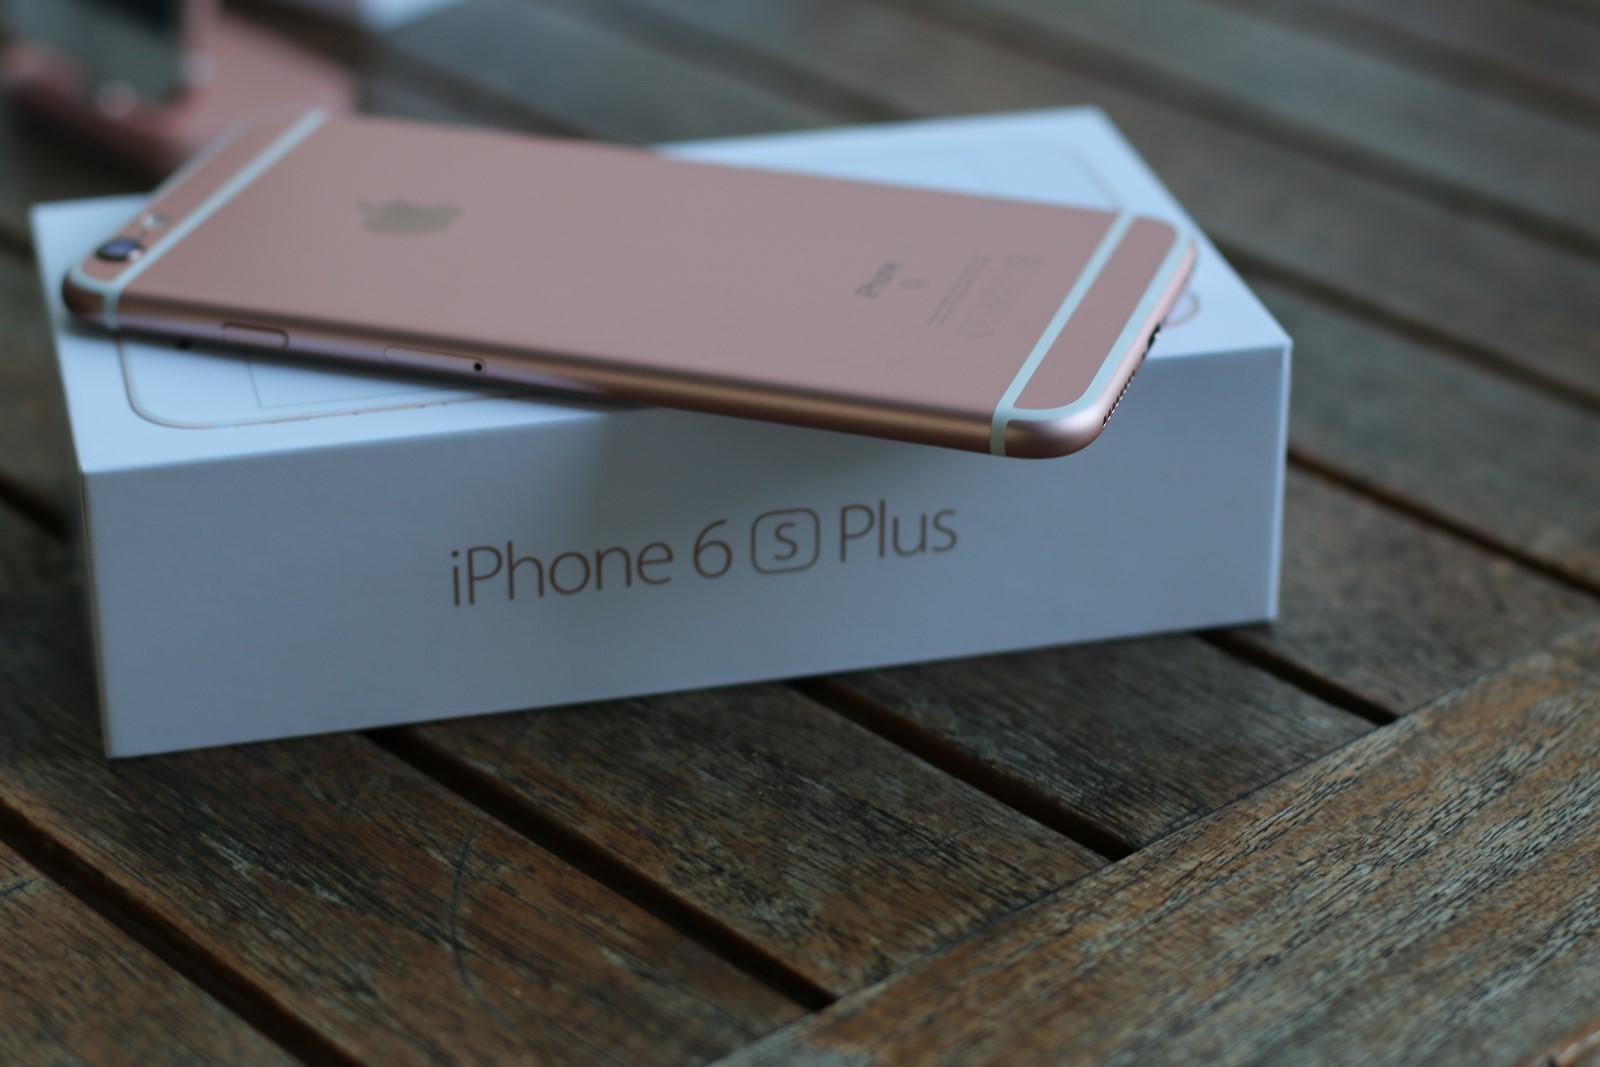 apple-iphone-6s-plus (18)